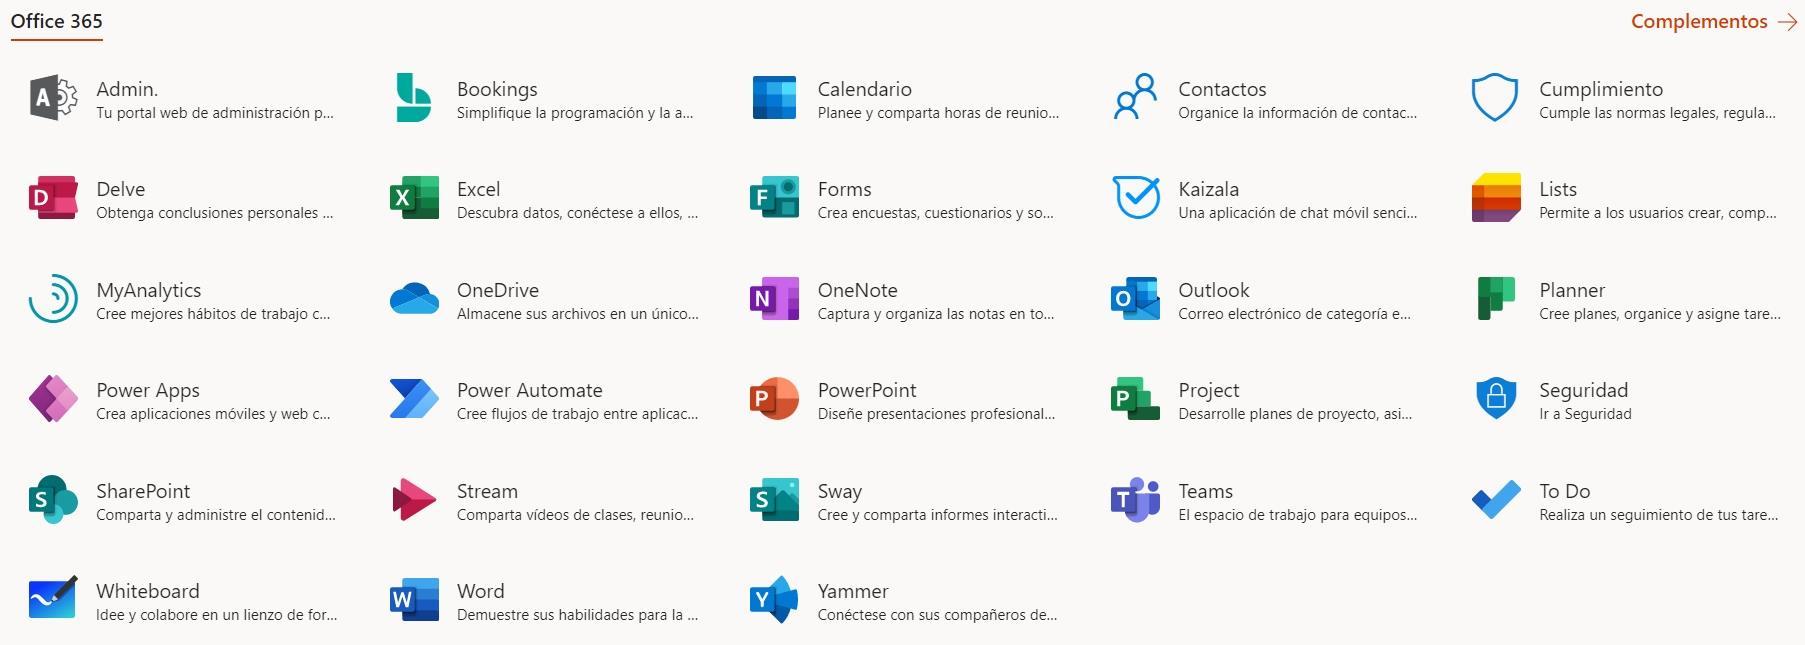 Listado de aplicaciones office 365